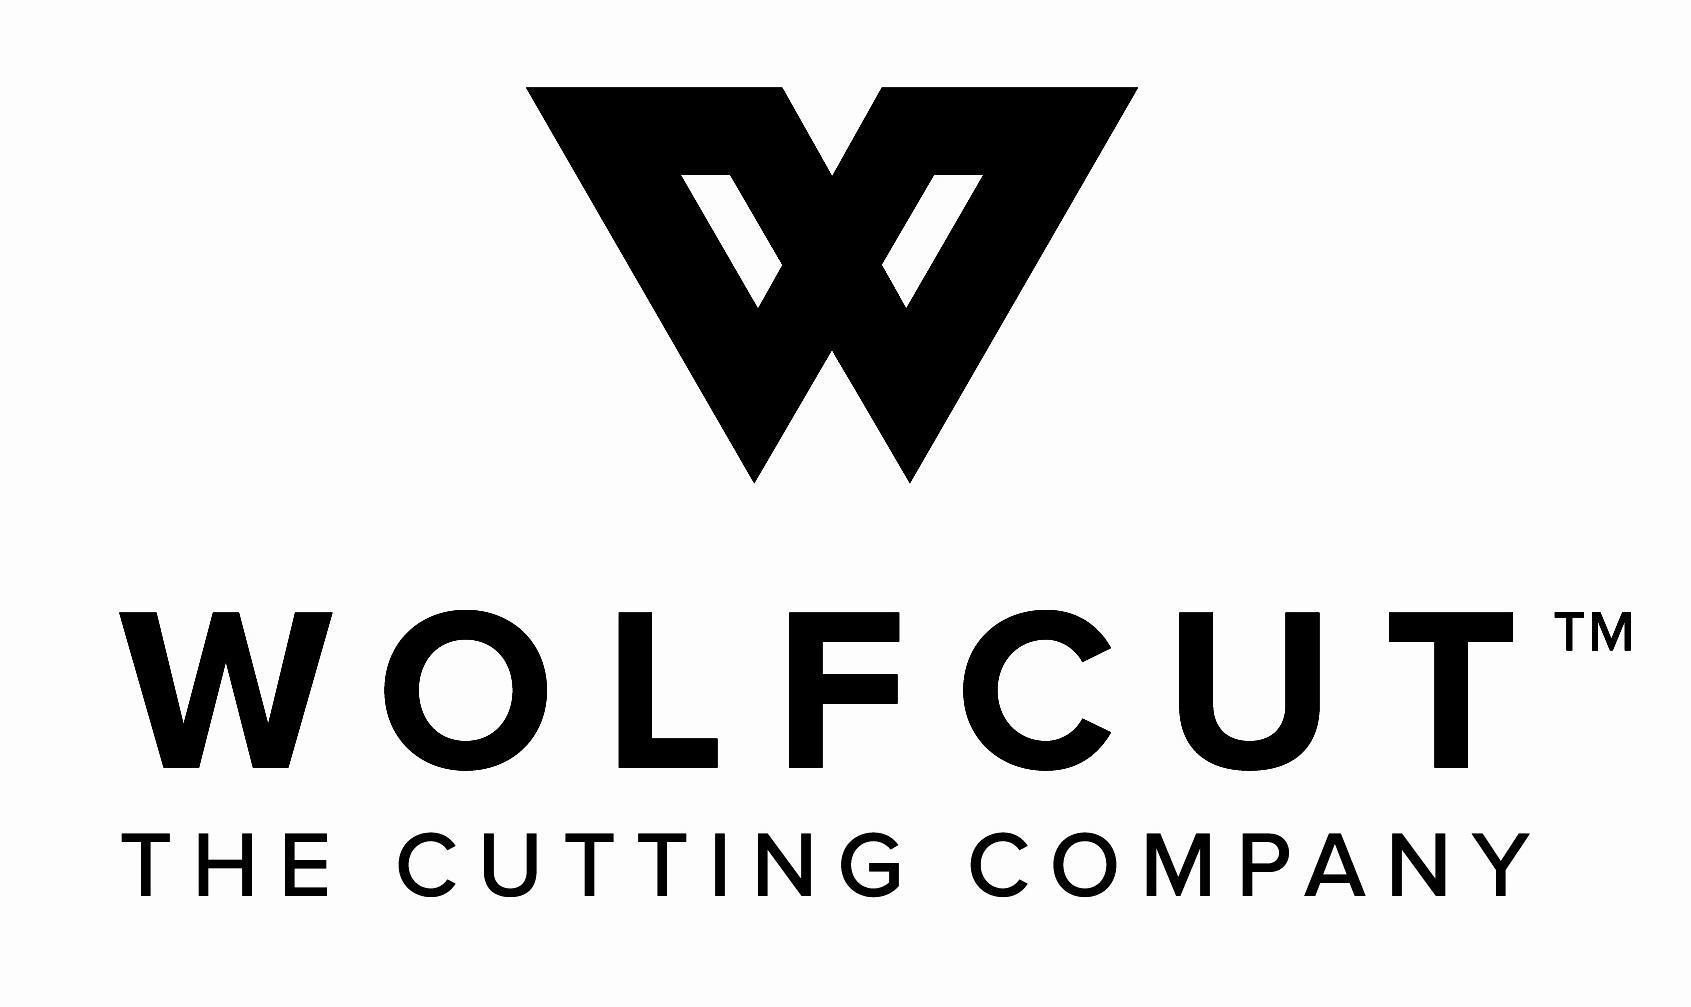 Wolfcut